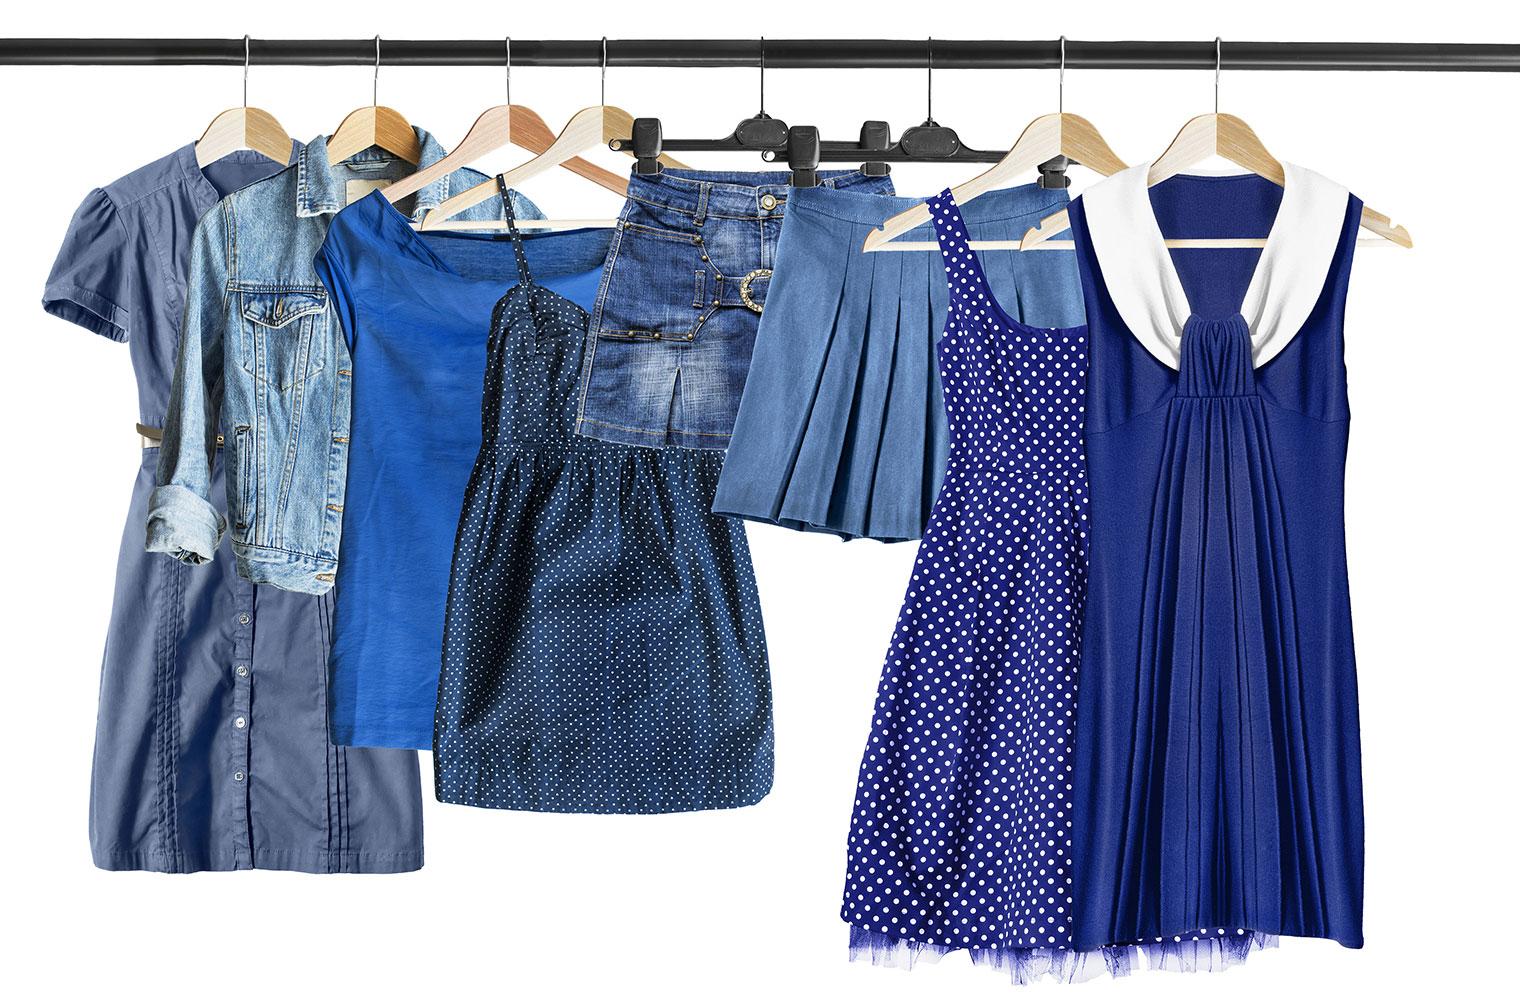 洋服・衣類の保管方法で気をつける7つの注意点とは?最適な保管サービス・トランクルームも紹介